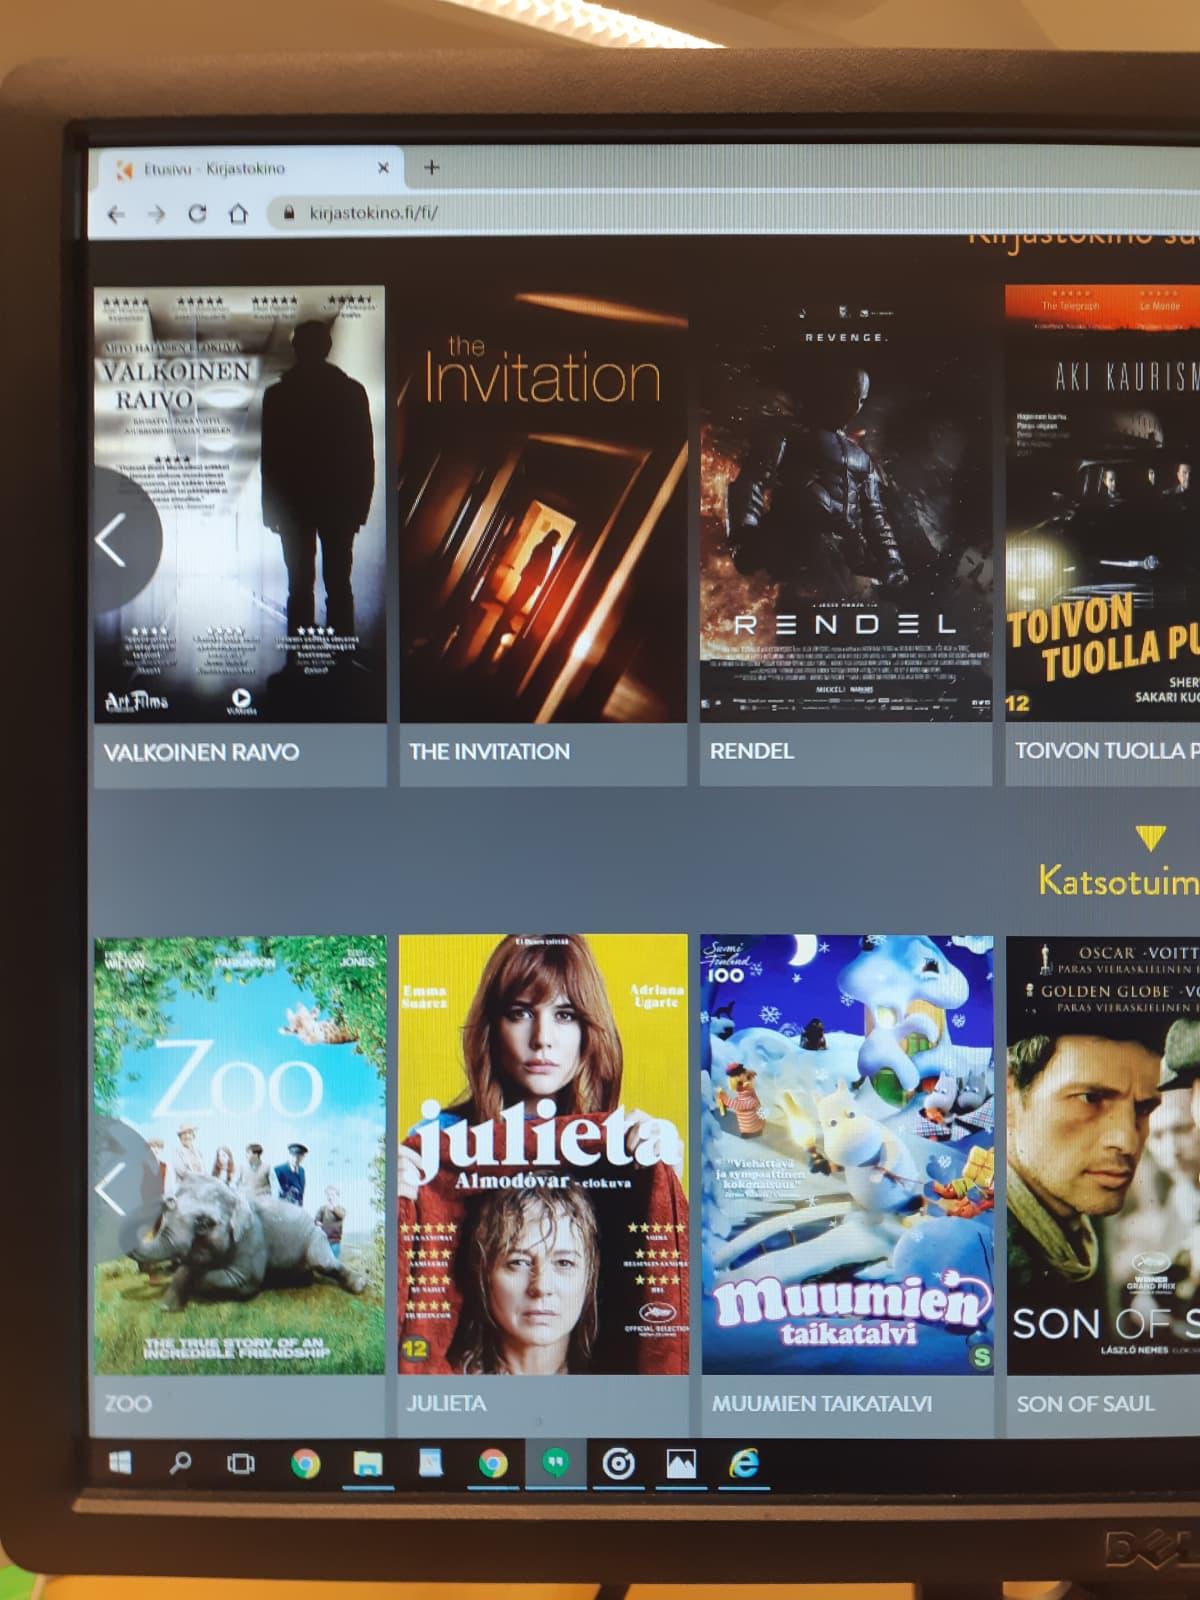 kuva kirjastokino-videopalvelusta